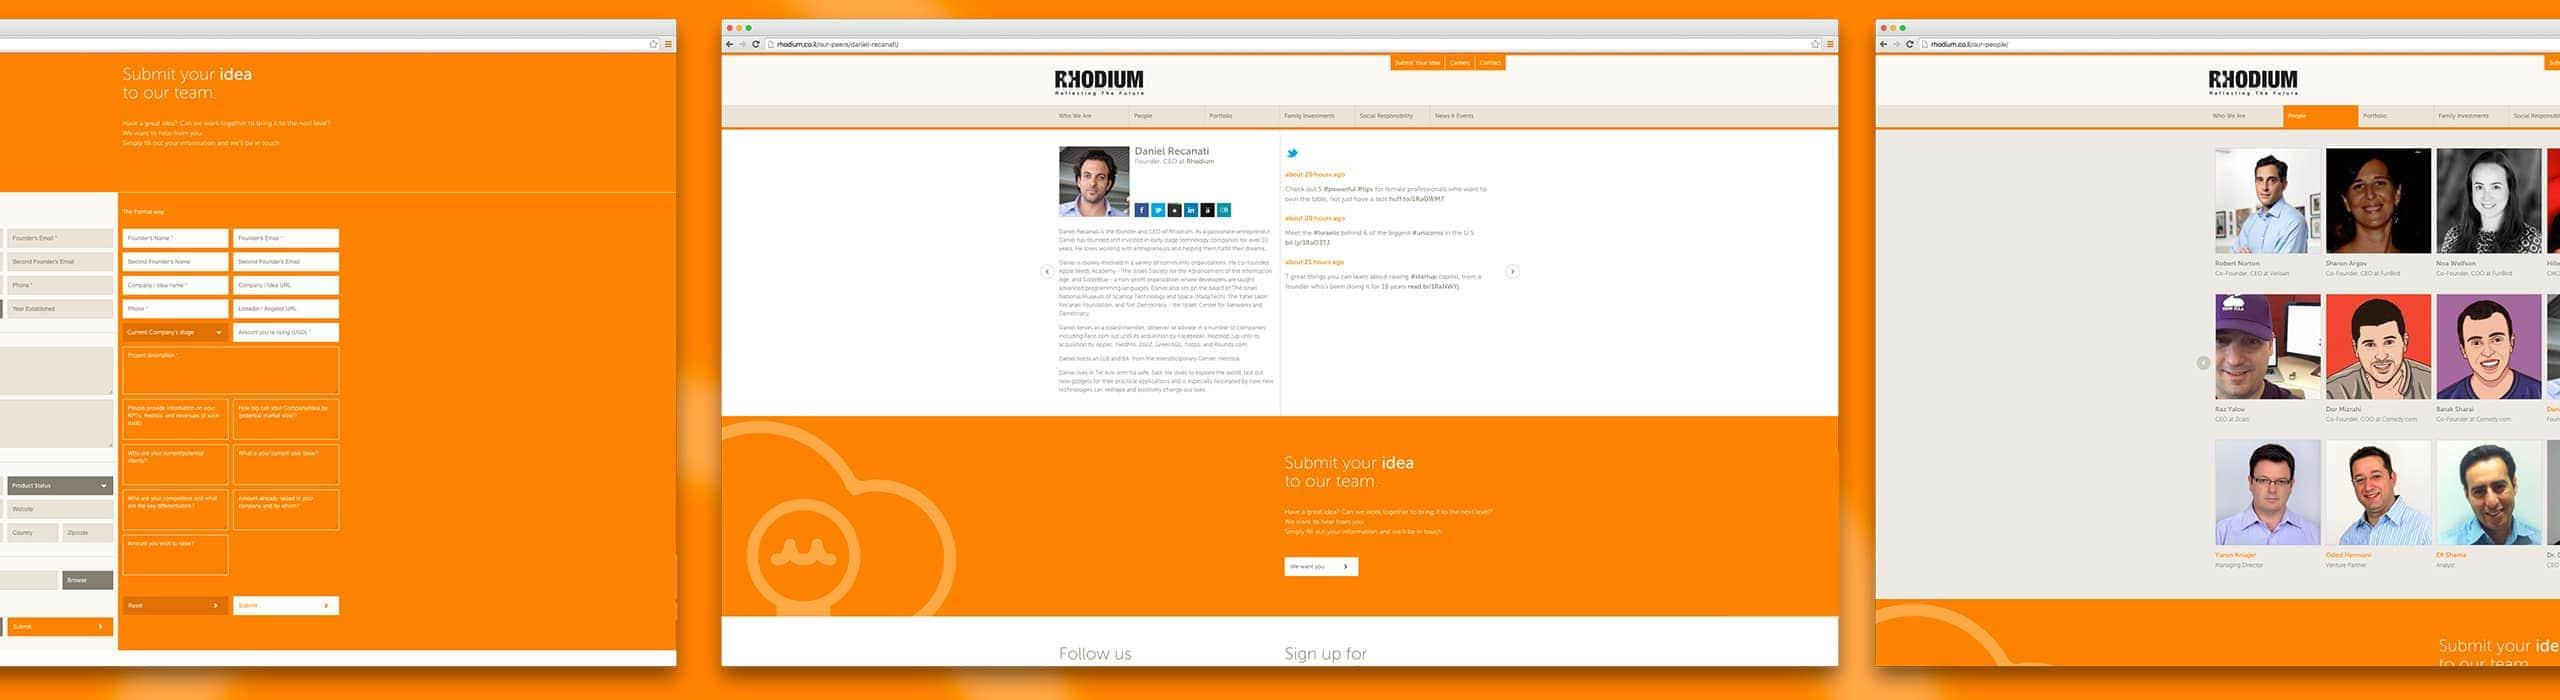 Rhodium - natie-rhodium-website-03 - Natie Branding Agency